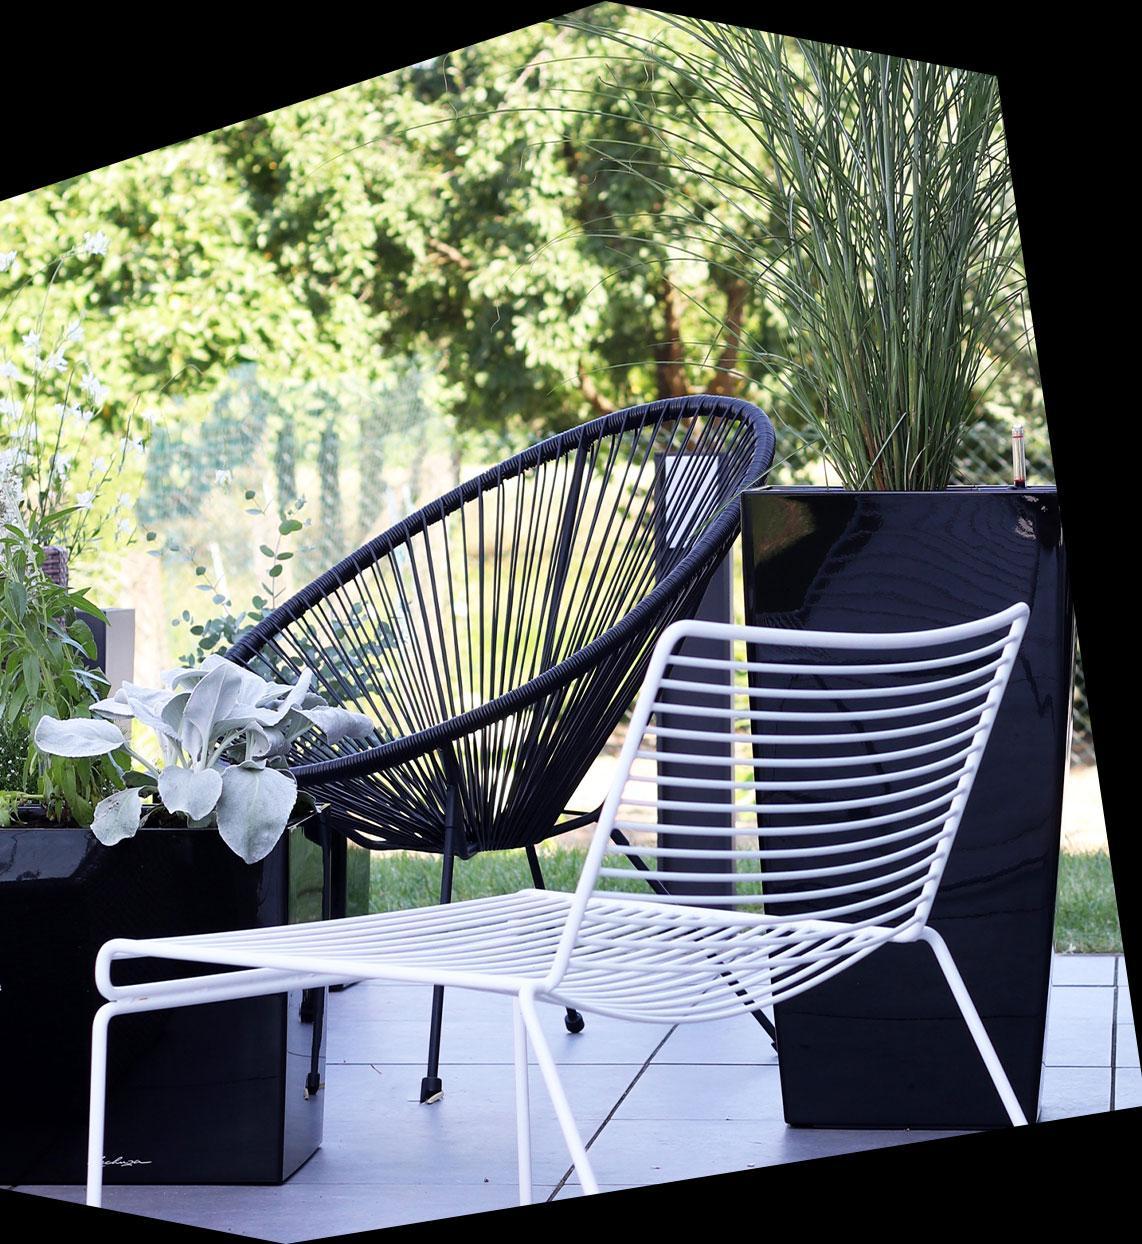 Jardinera negra de alto brillo CUBICO y CUBE en una terraza con muebles de acero tubular en blanco y negro